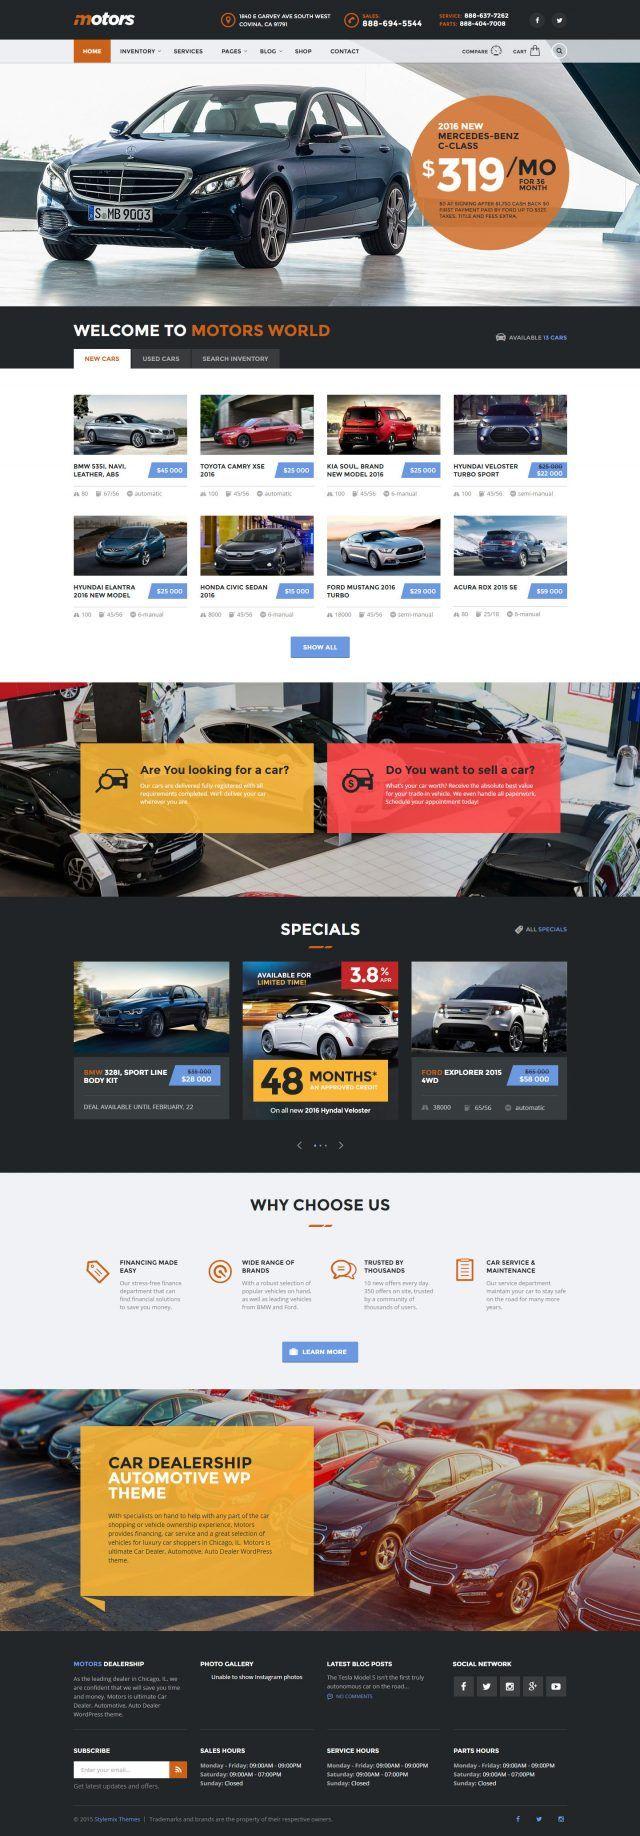 Motors, ein WordPress Premium-Theme für die Automotive-Branche | DR. WEB